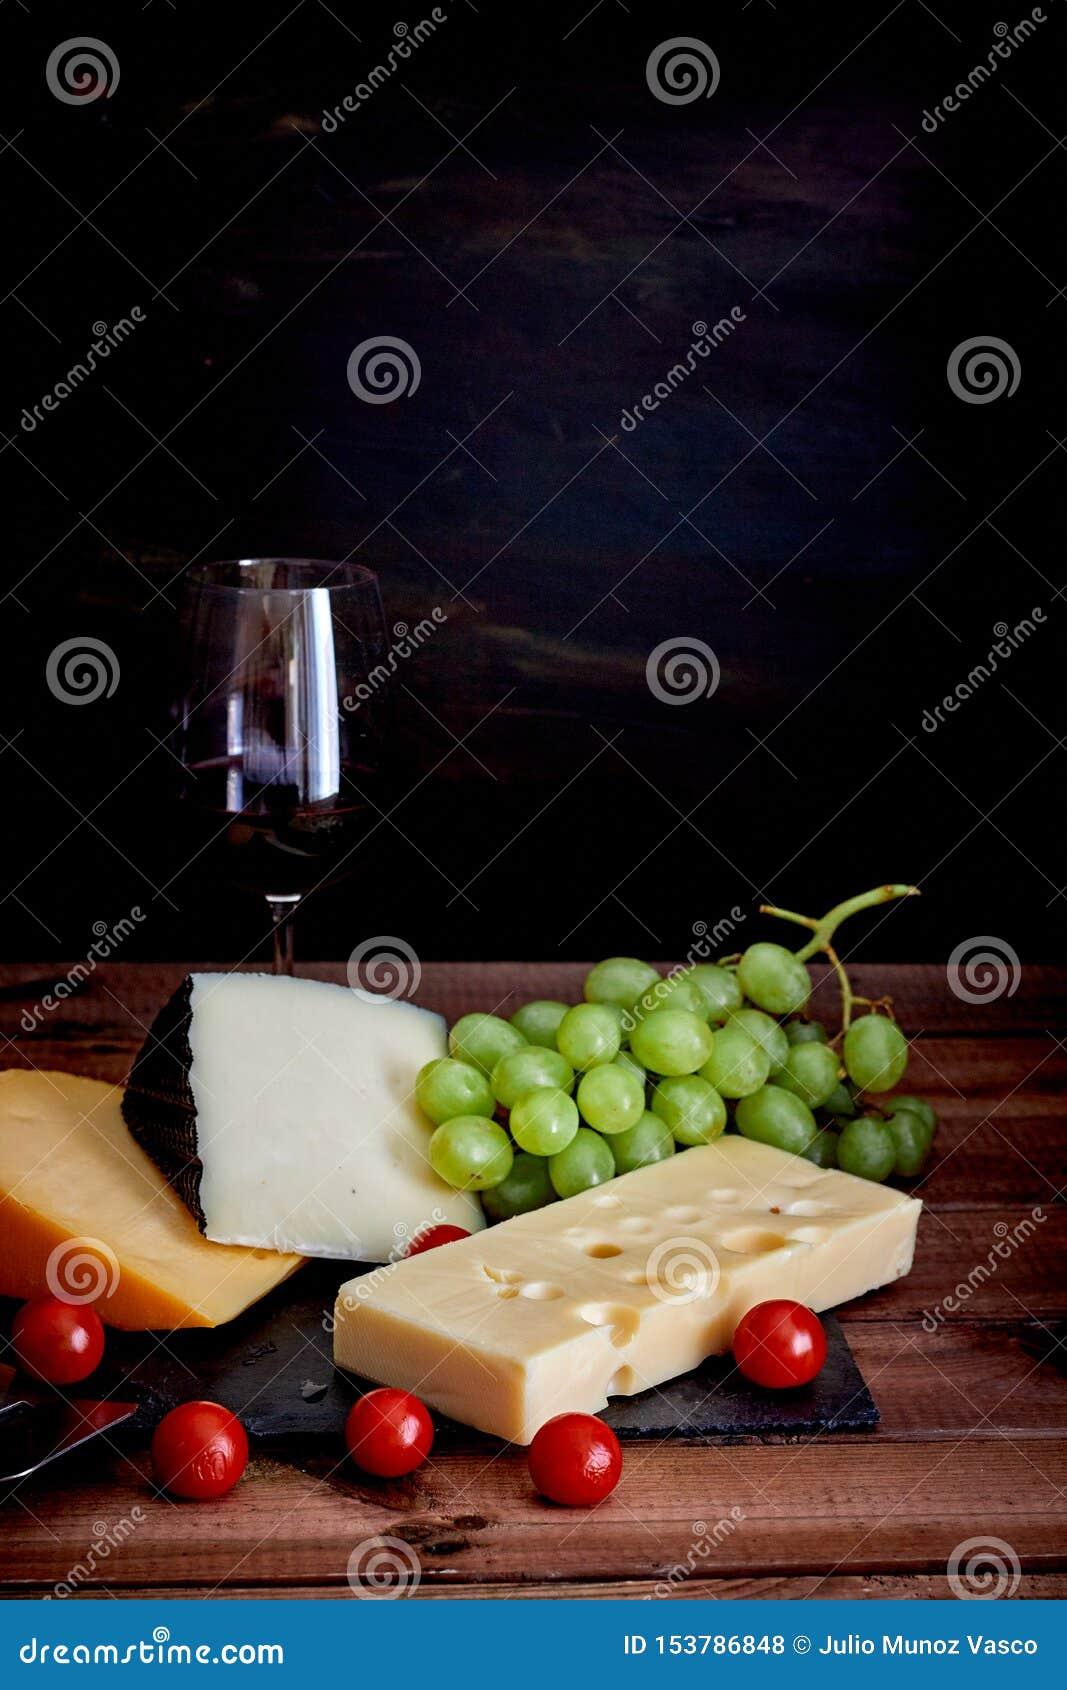 Tabla con diversos quesos y copa de vino en fondo oscuro